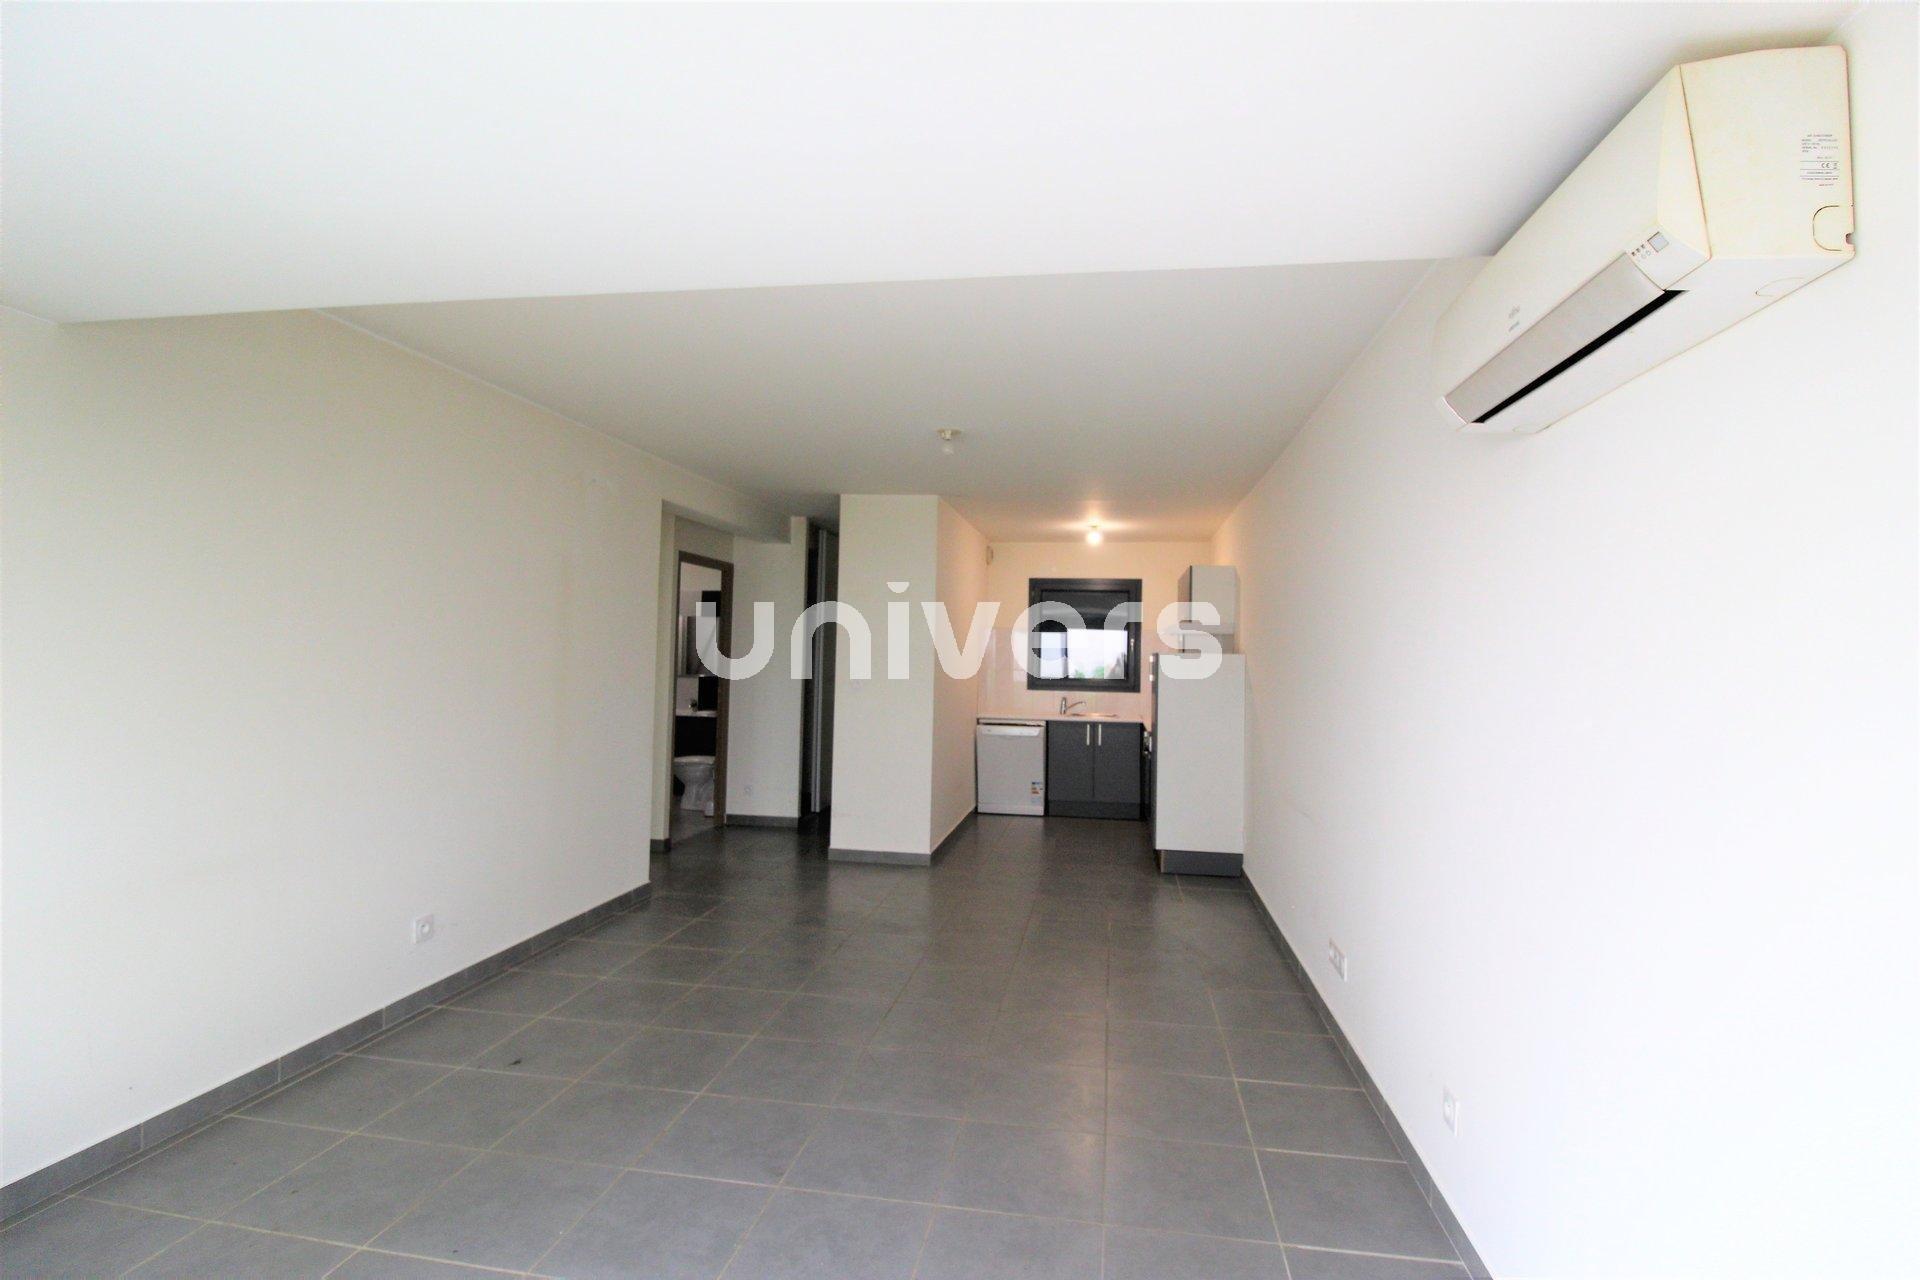 Appartement T2 - Rez de jardin - Proche centre ville de Valence